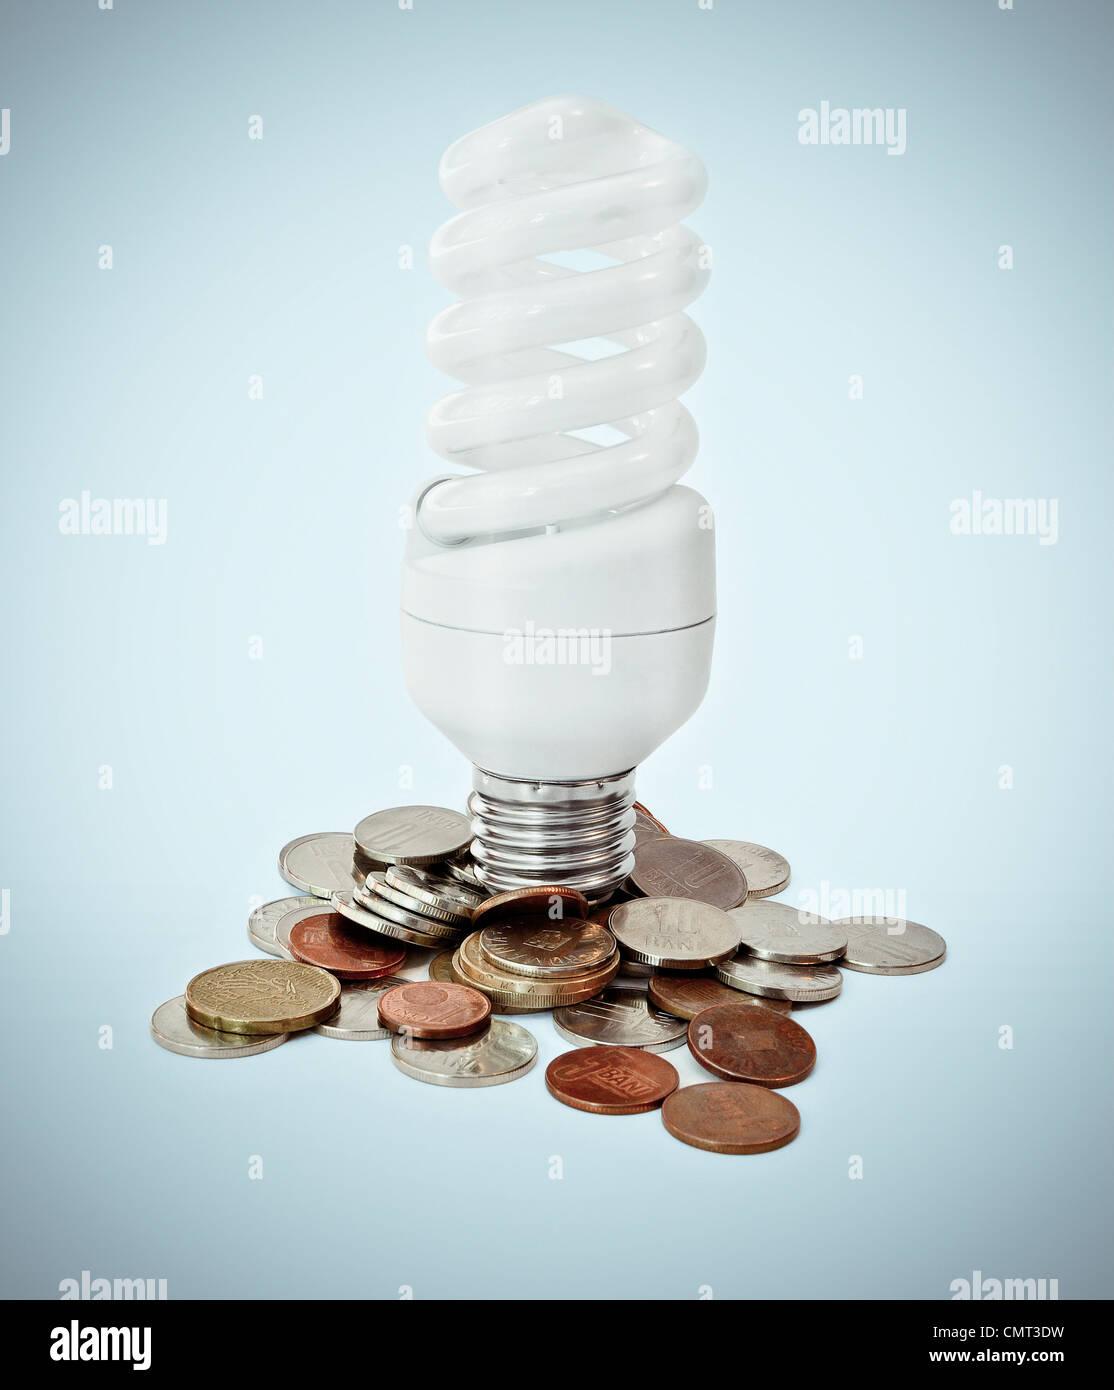 Concepto lighbulb ecológica y de ahorro de energía Imagen De Stock